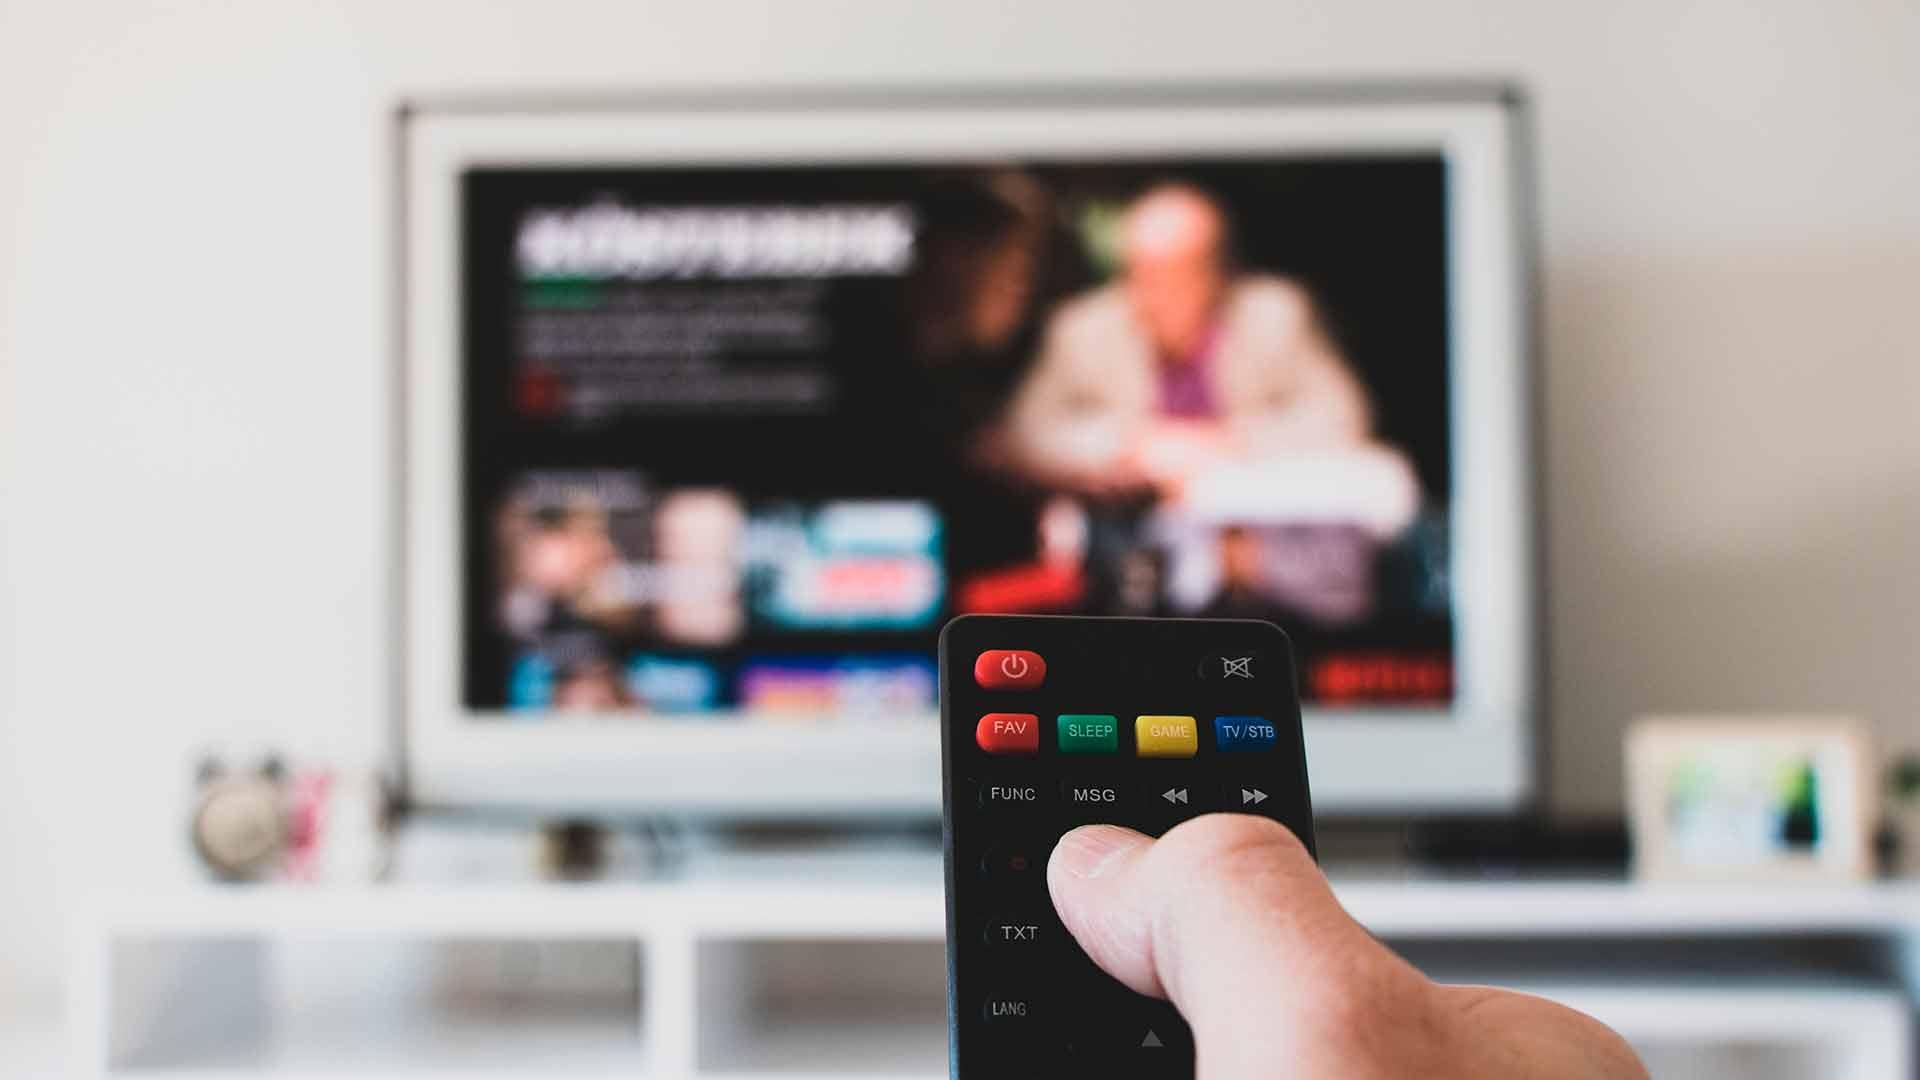 kuvan etualalla on kaukosäädin kädessä ja taustalla näkyy tv, josa auki suoratoistopalvelu